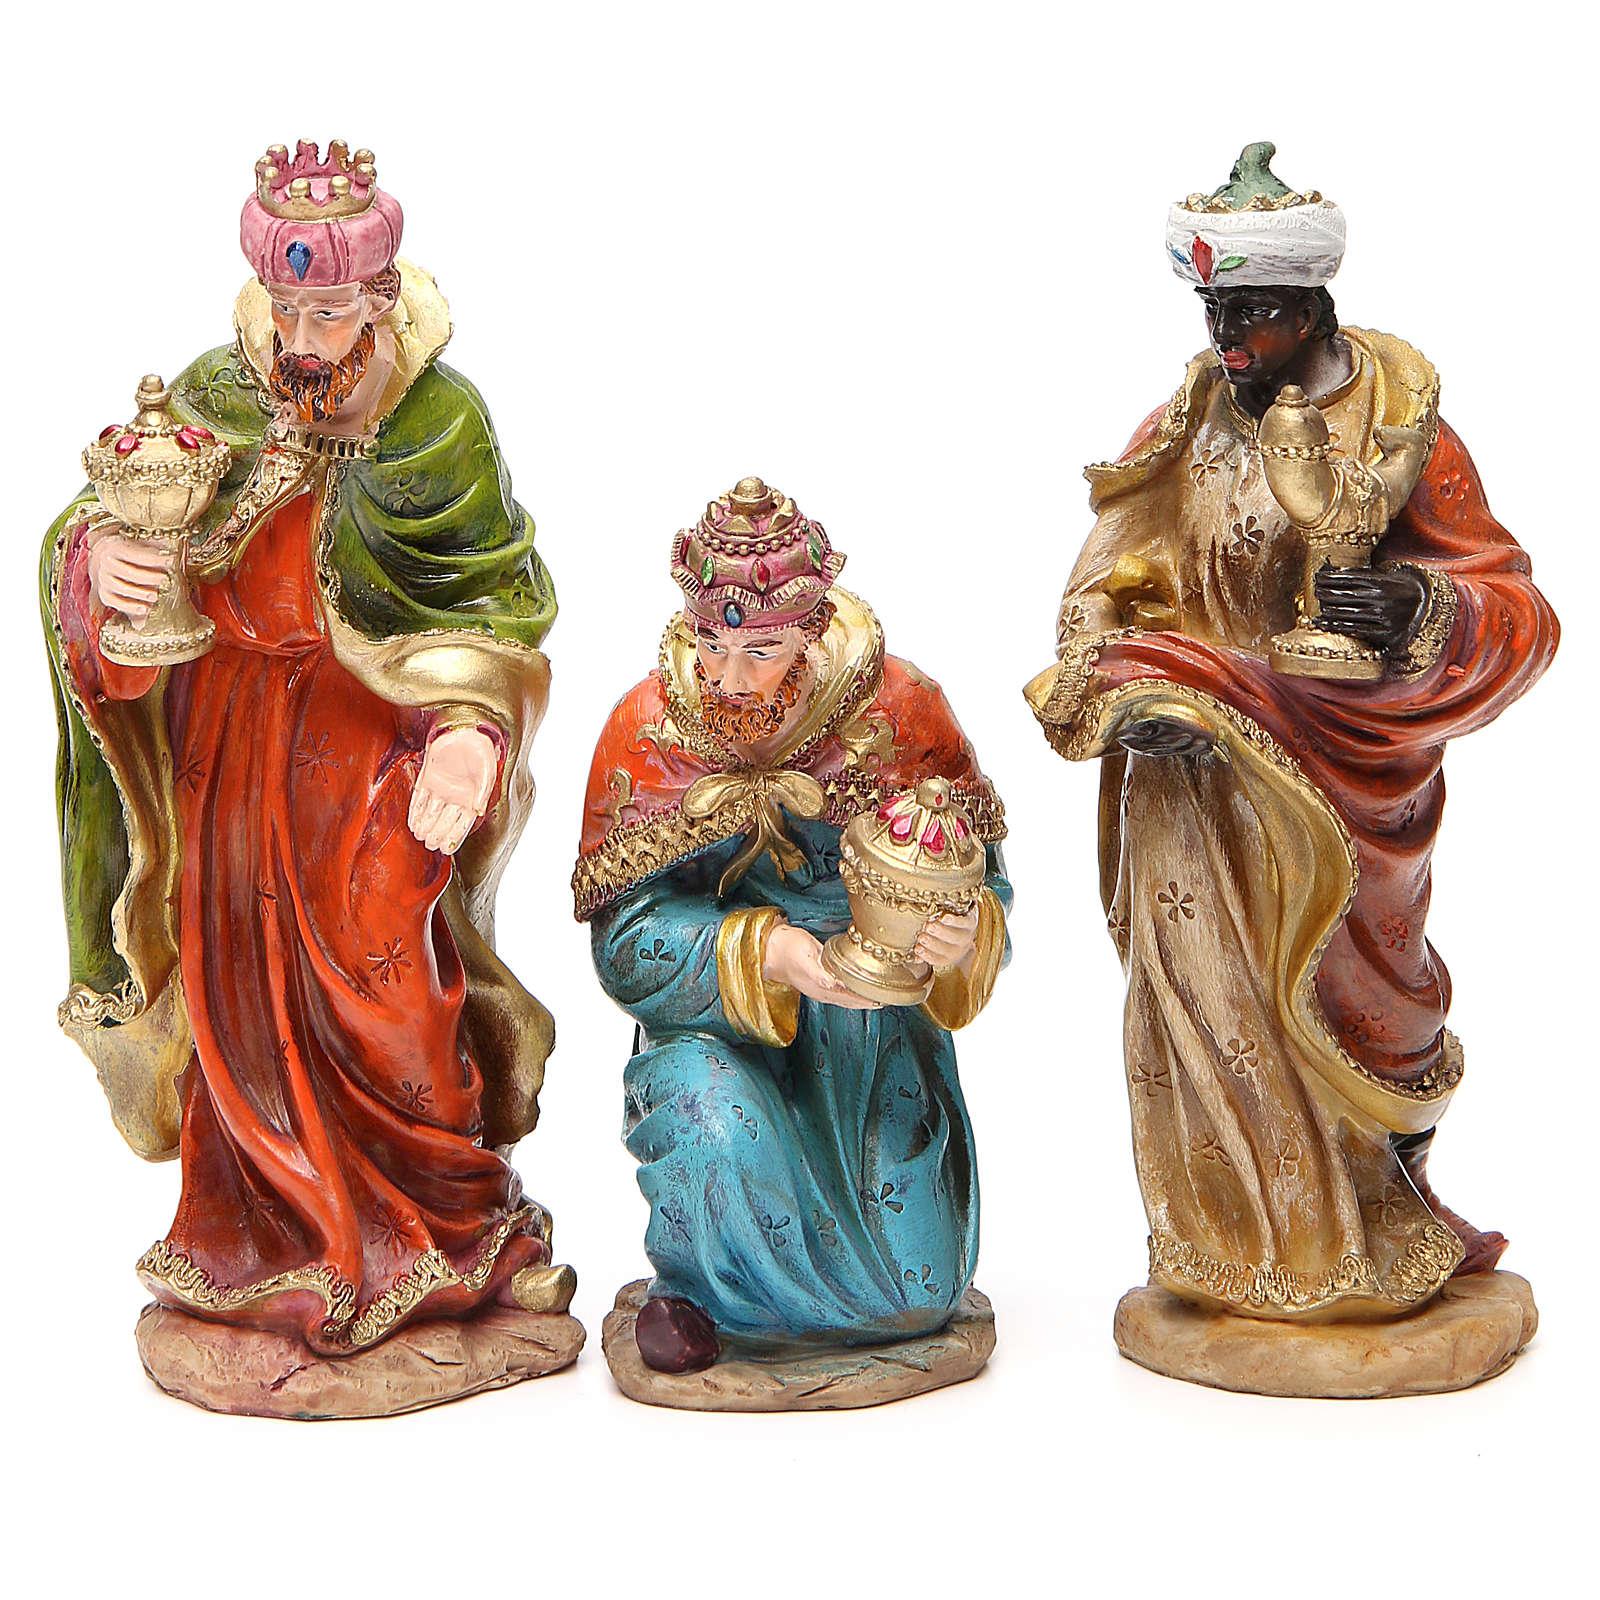 Presepe completo resina cm 20 multicolor 11 statue 4